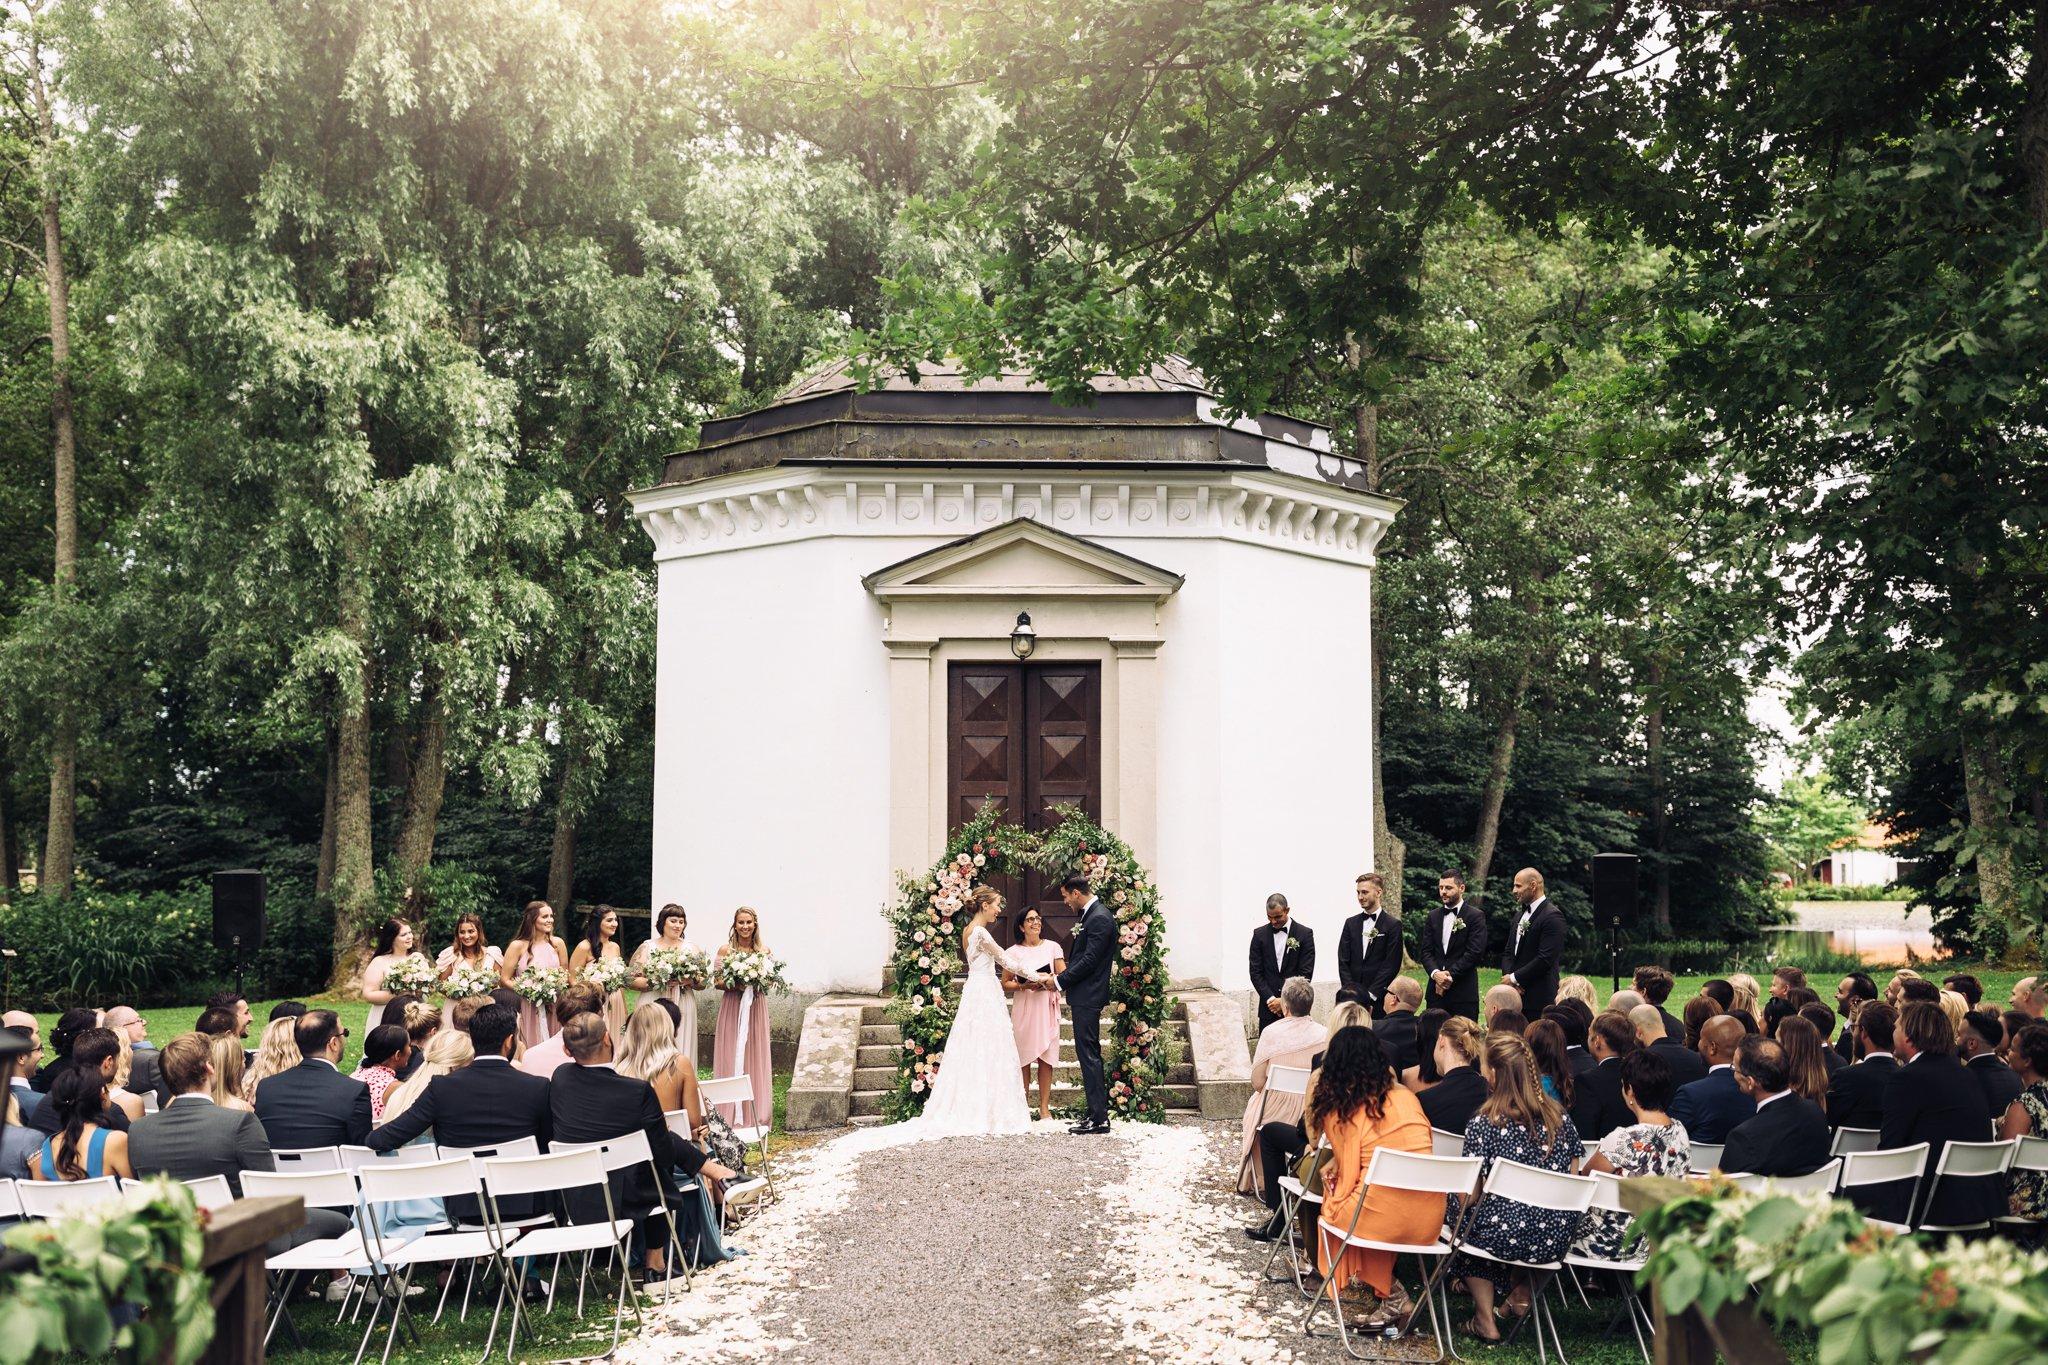 Kenza-Aleks-Wedding-Photo-by-Fabian-Wester-7